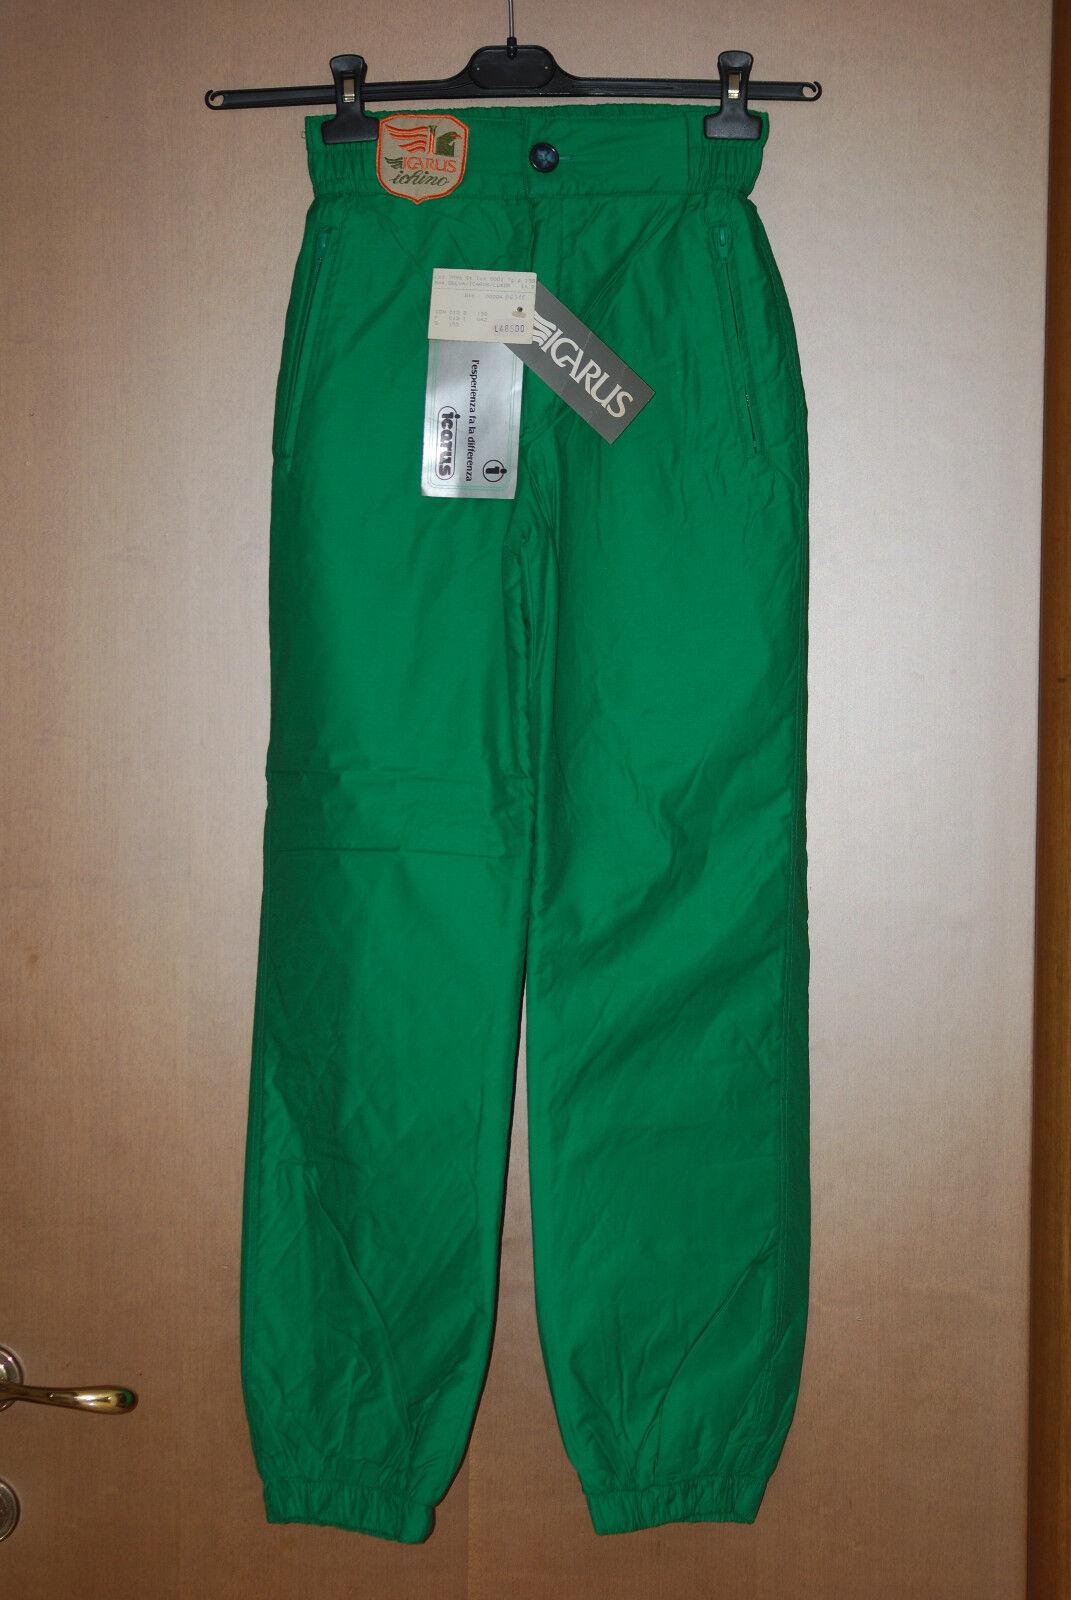 Pantalone ICARUS suit NEW   vintage thermo sport snowboard snow paninaro 40